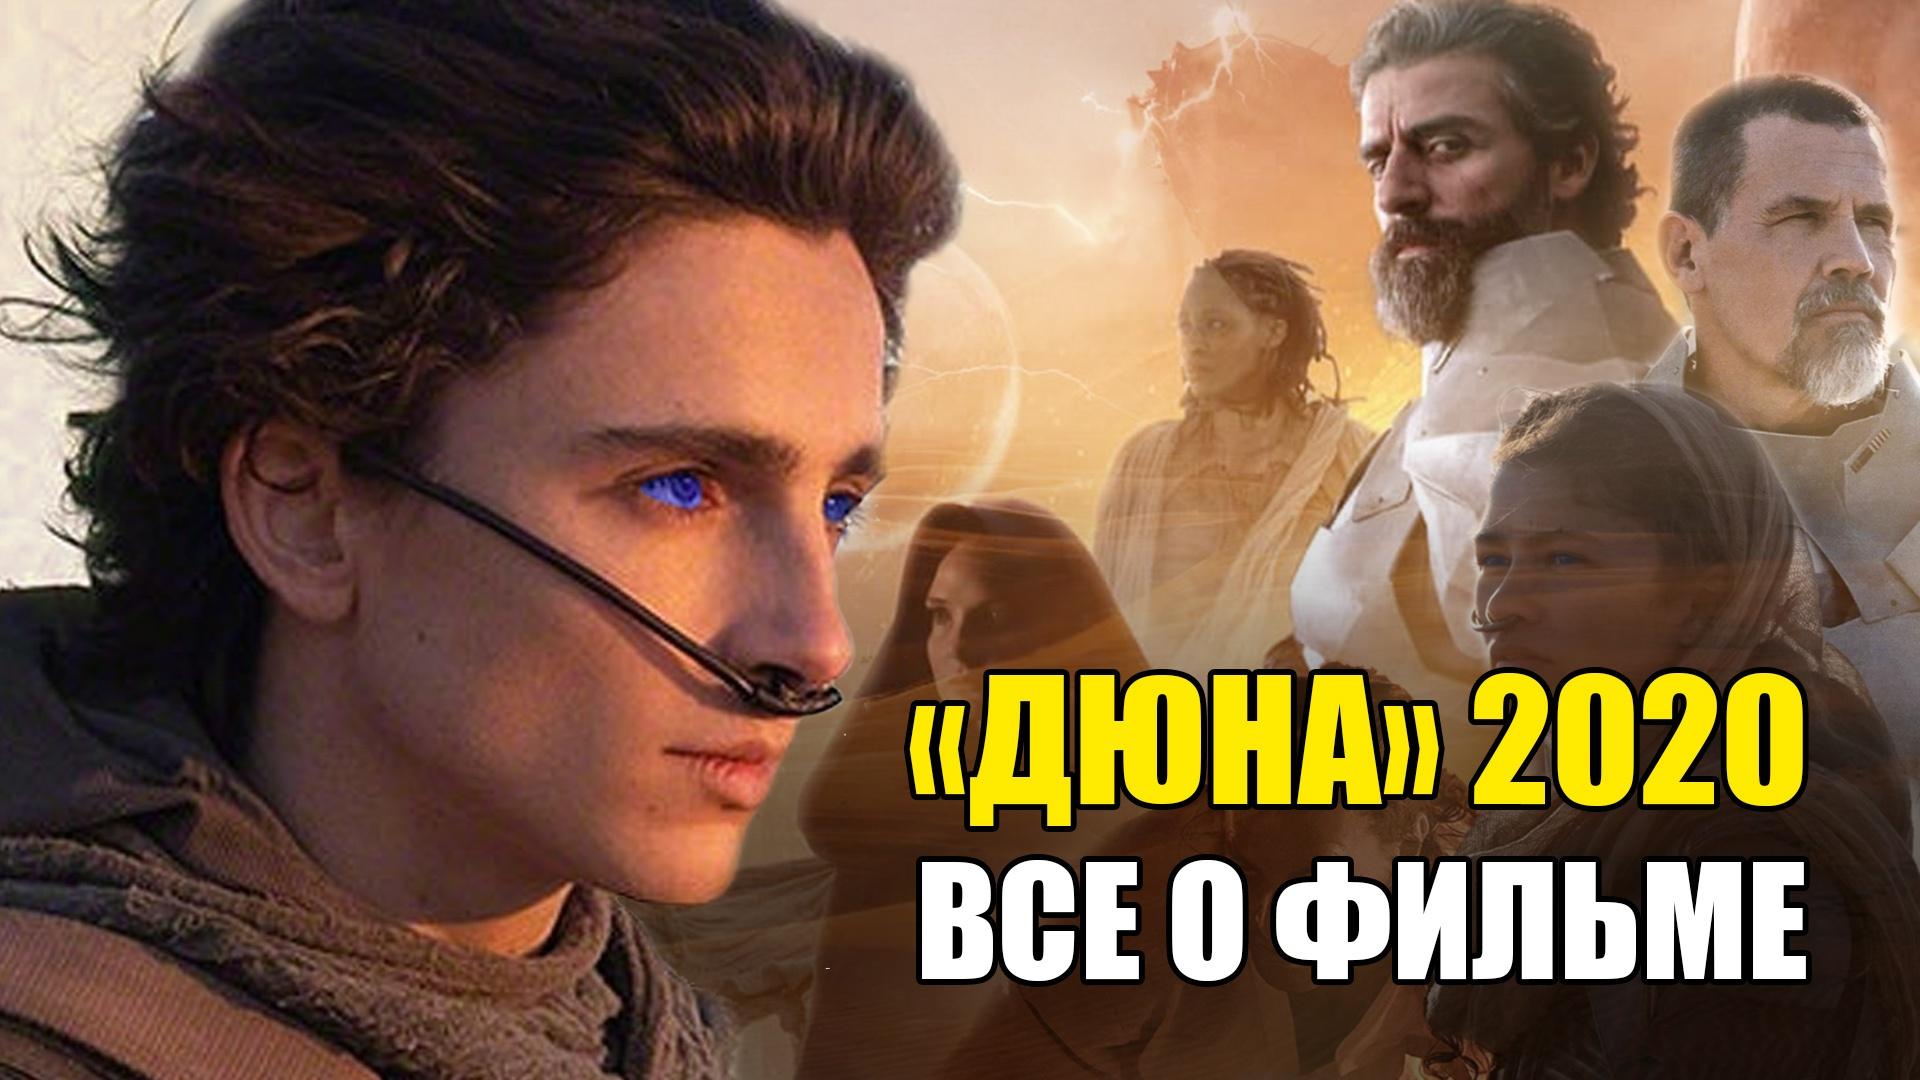 Дюна фильм 2020 г